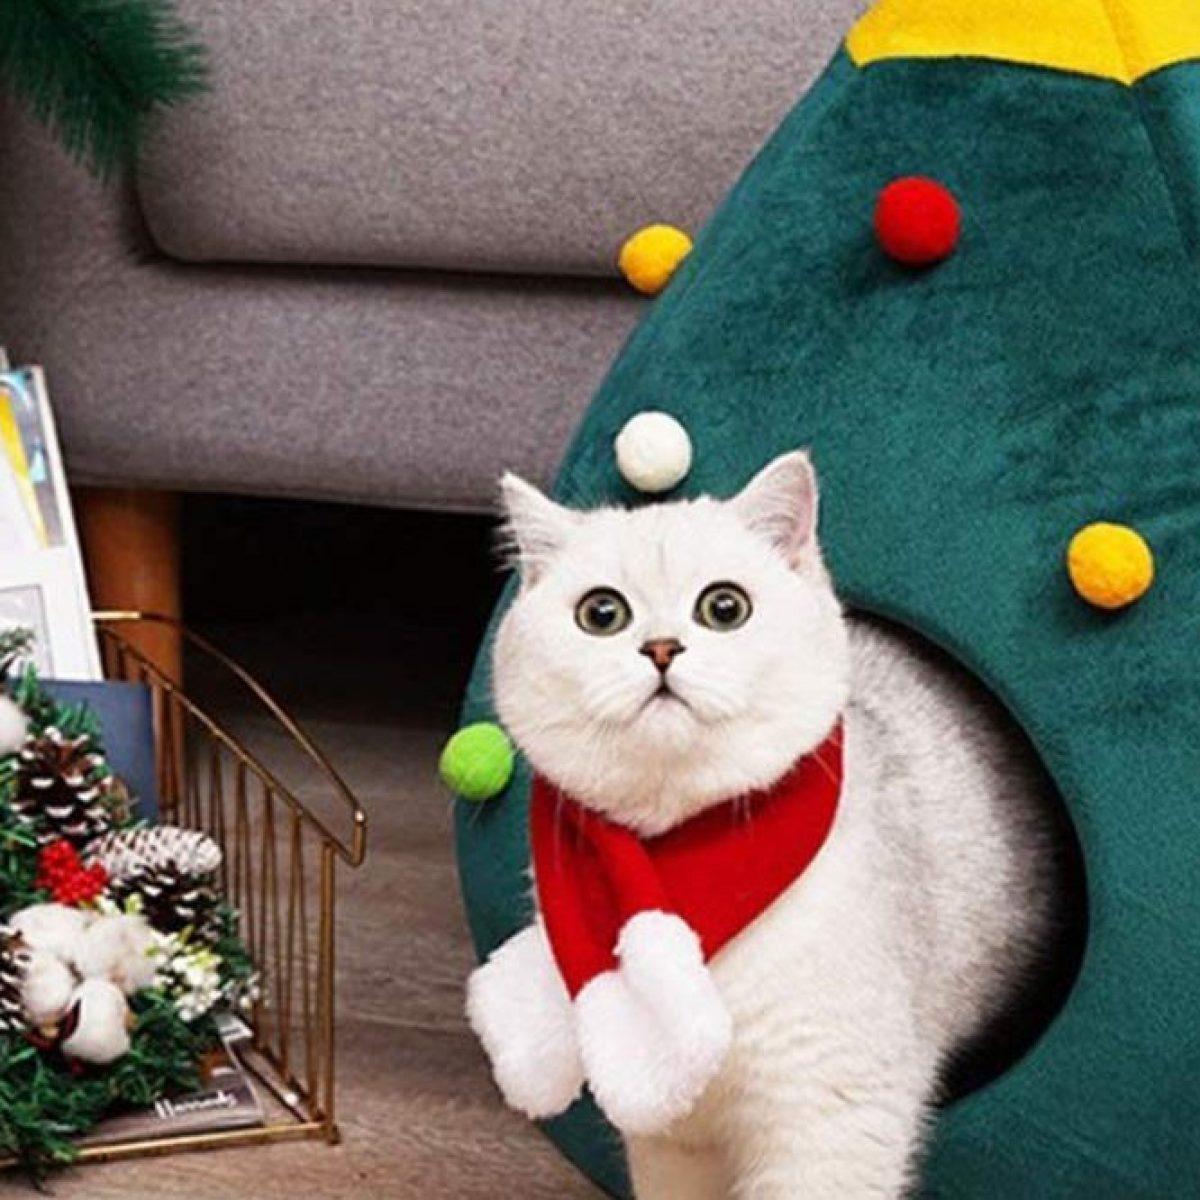 Cuccia Gatto Fai Da Te natale da gatti: arriva la cuccia a forma di albero decorato